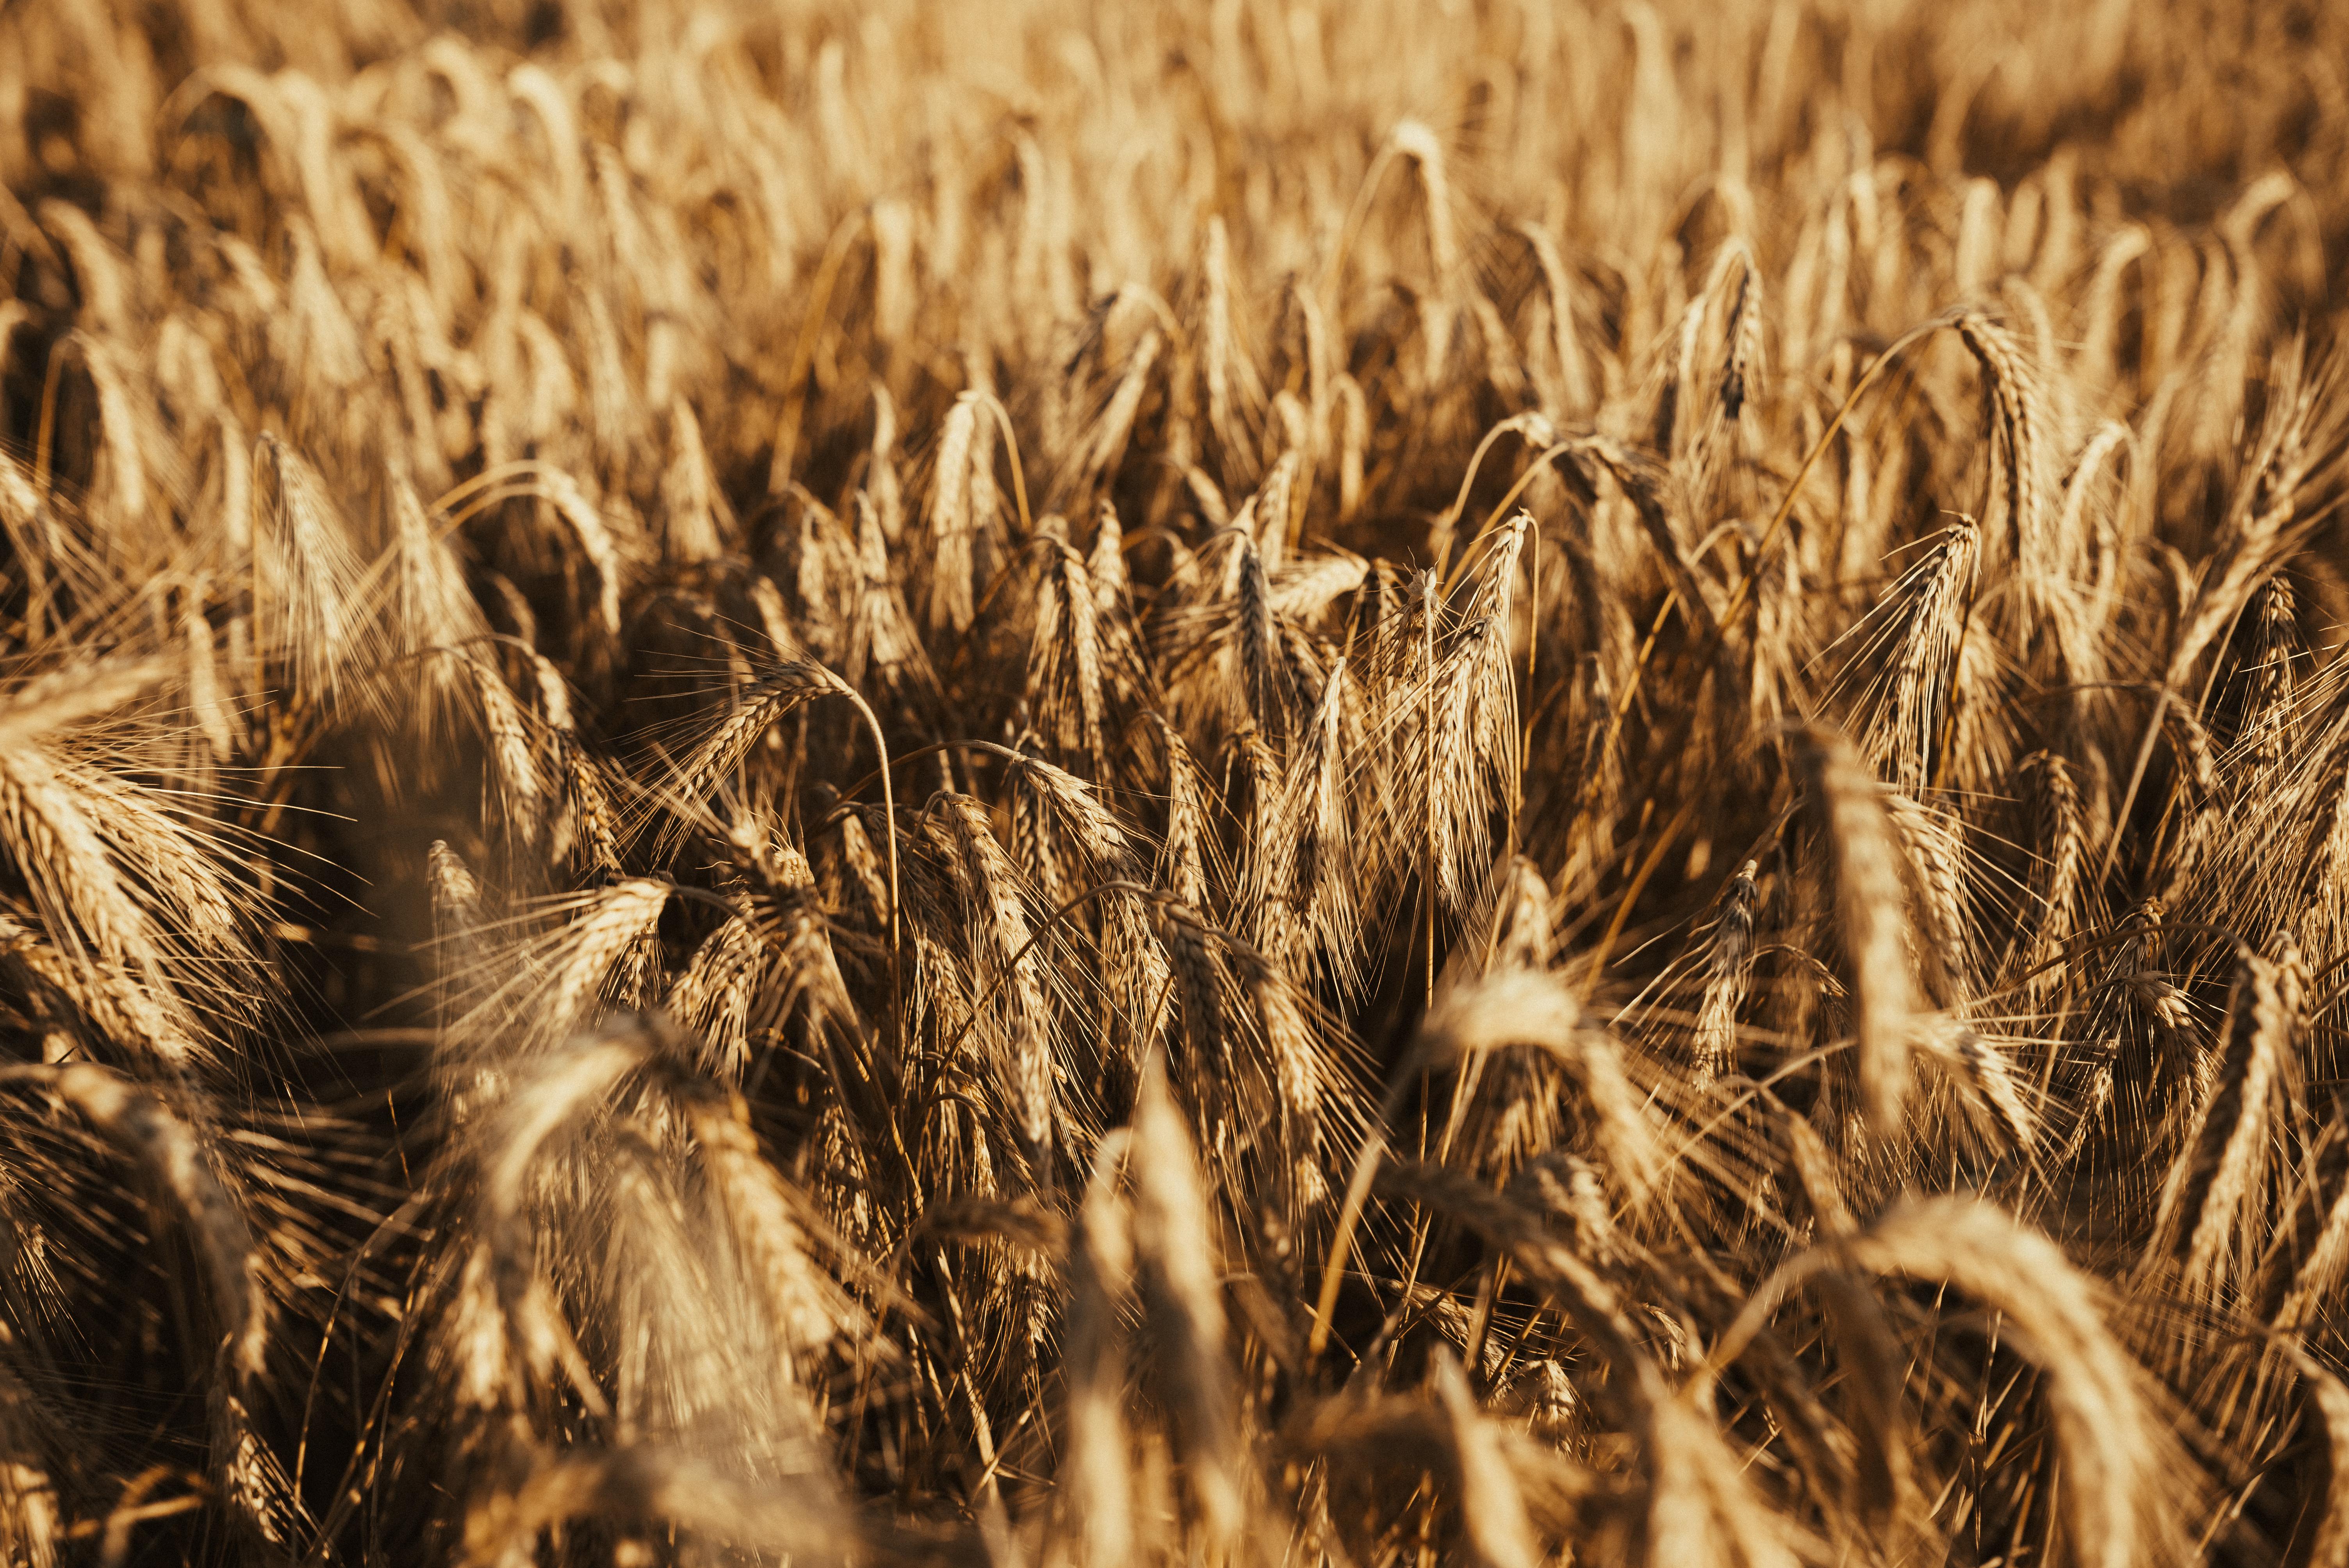 68135 скачать обои Природа, Колосья, Поле, Сухой, Пшеница - заставки и картинки бесплатно